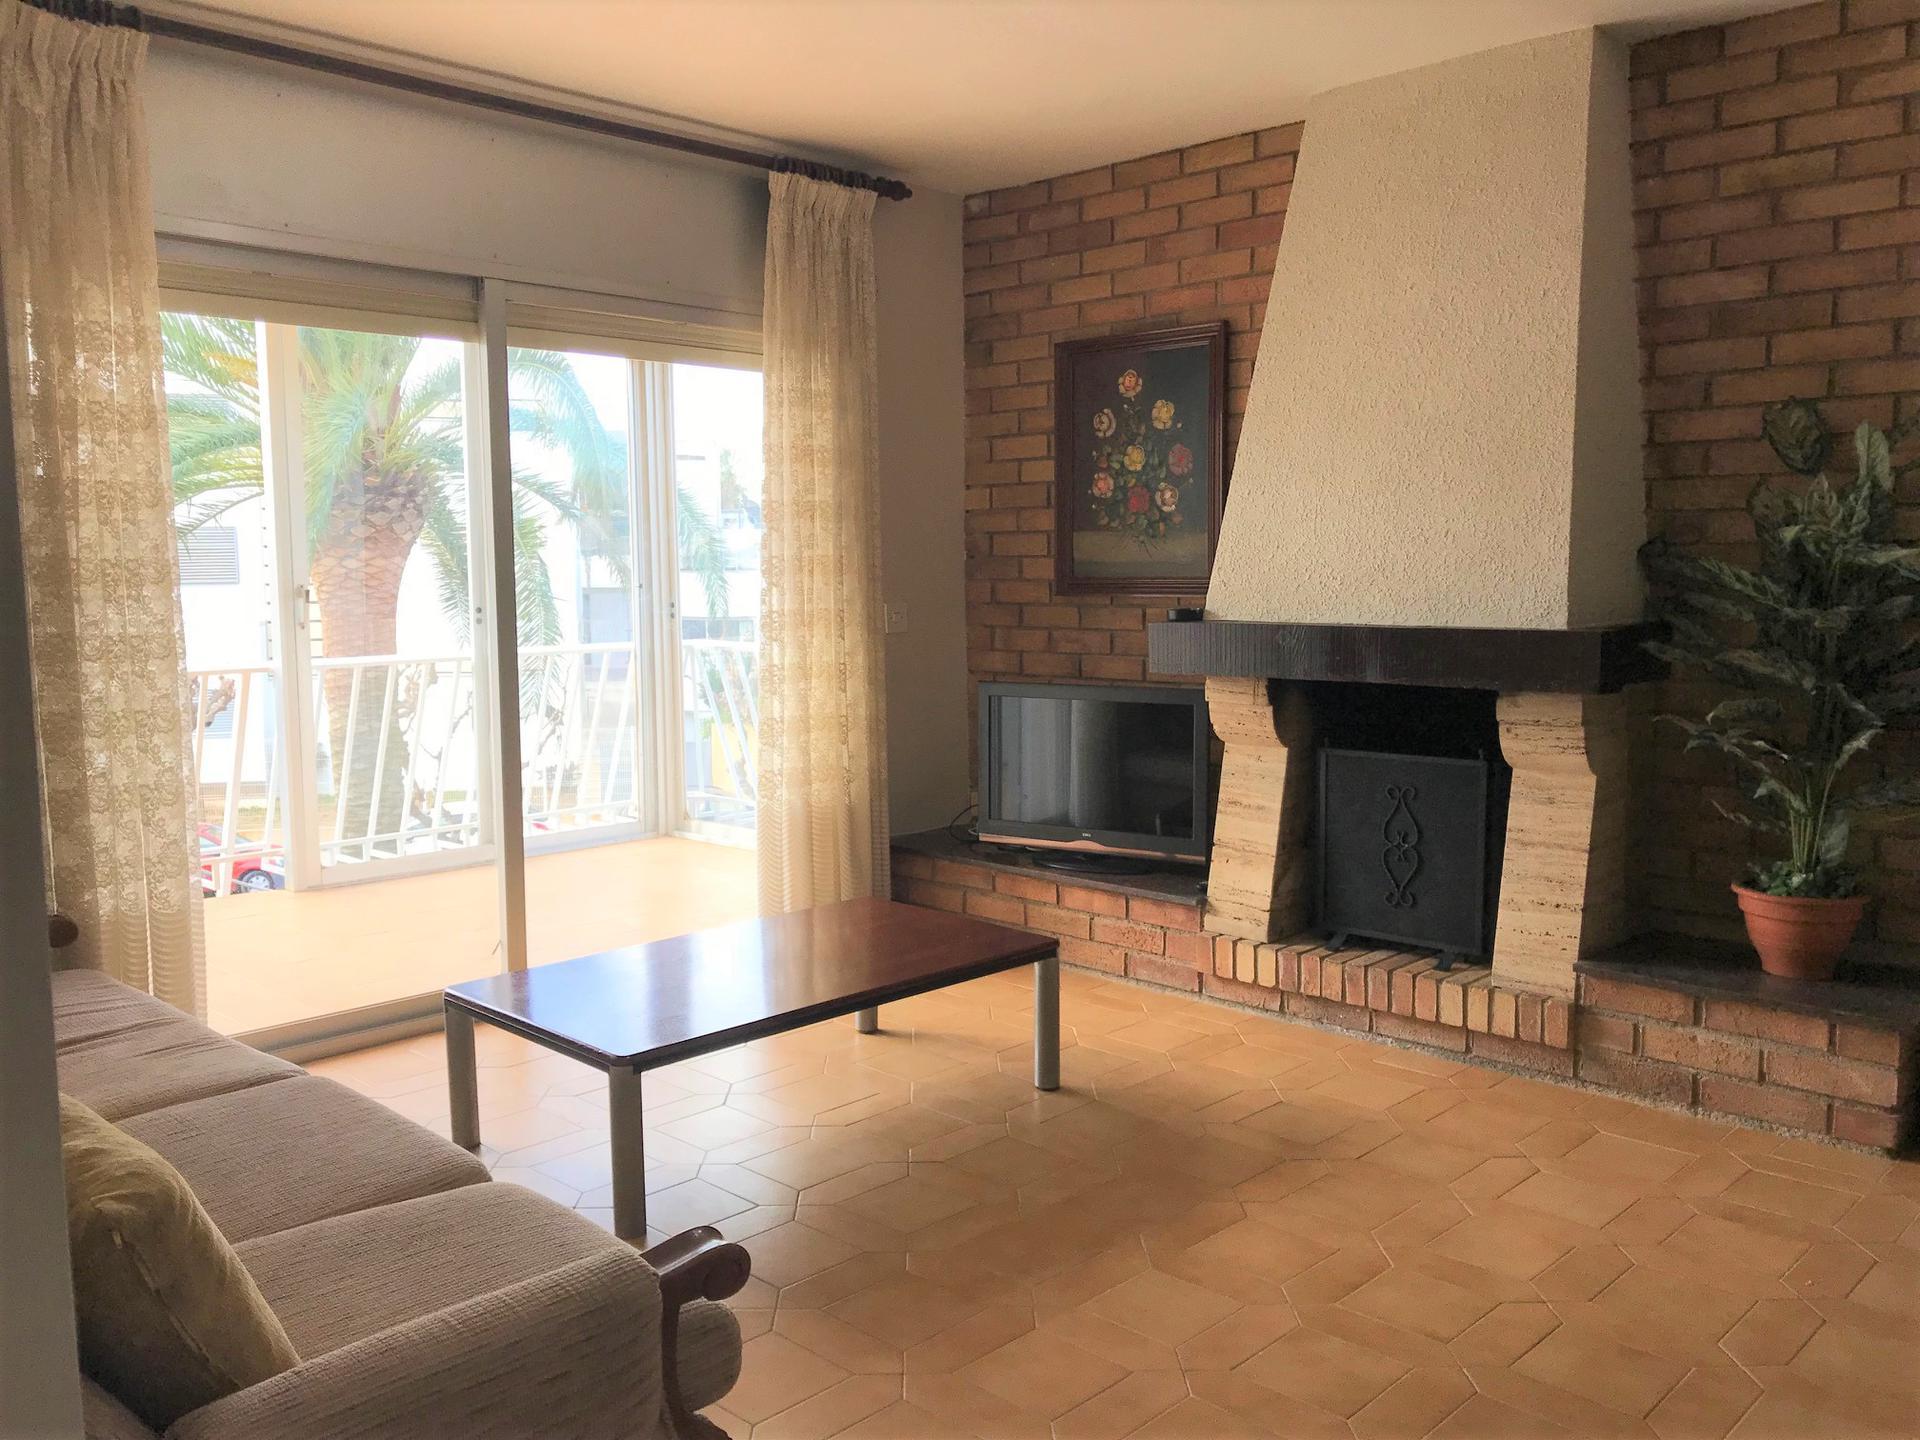 Apartament -                                       Cambrils -                                       3 dormitoris -                                       6 ocupants